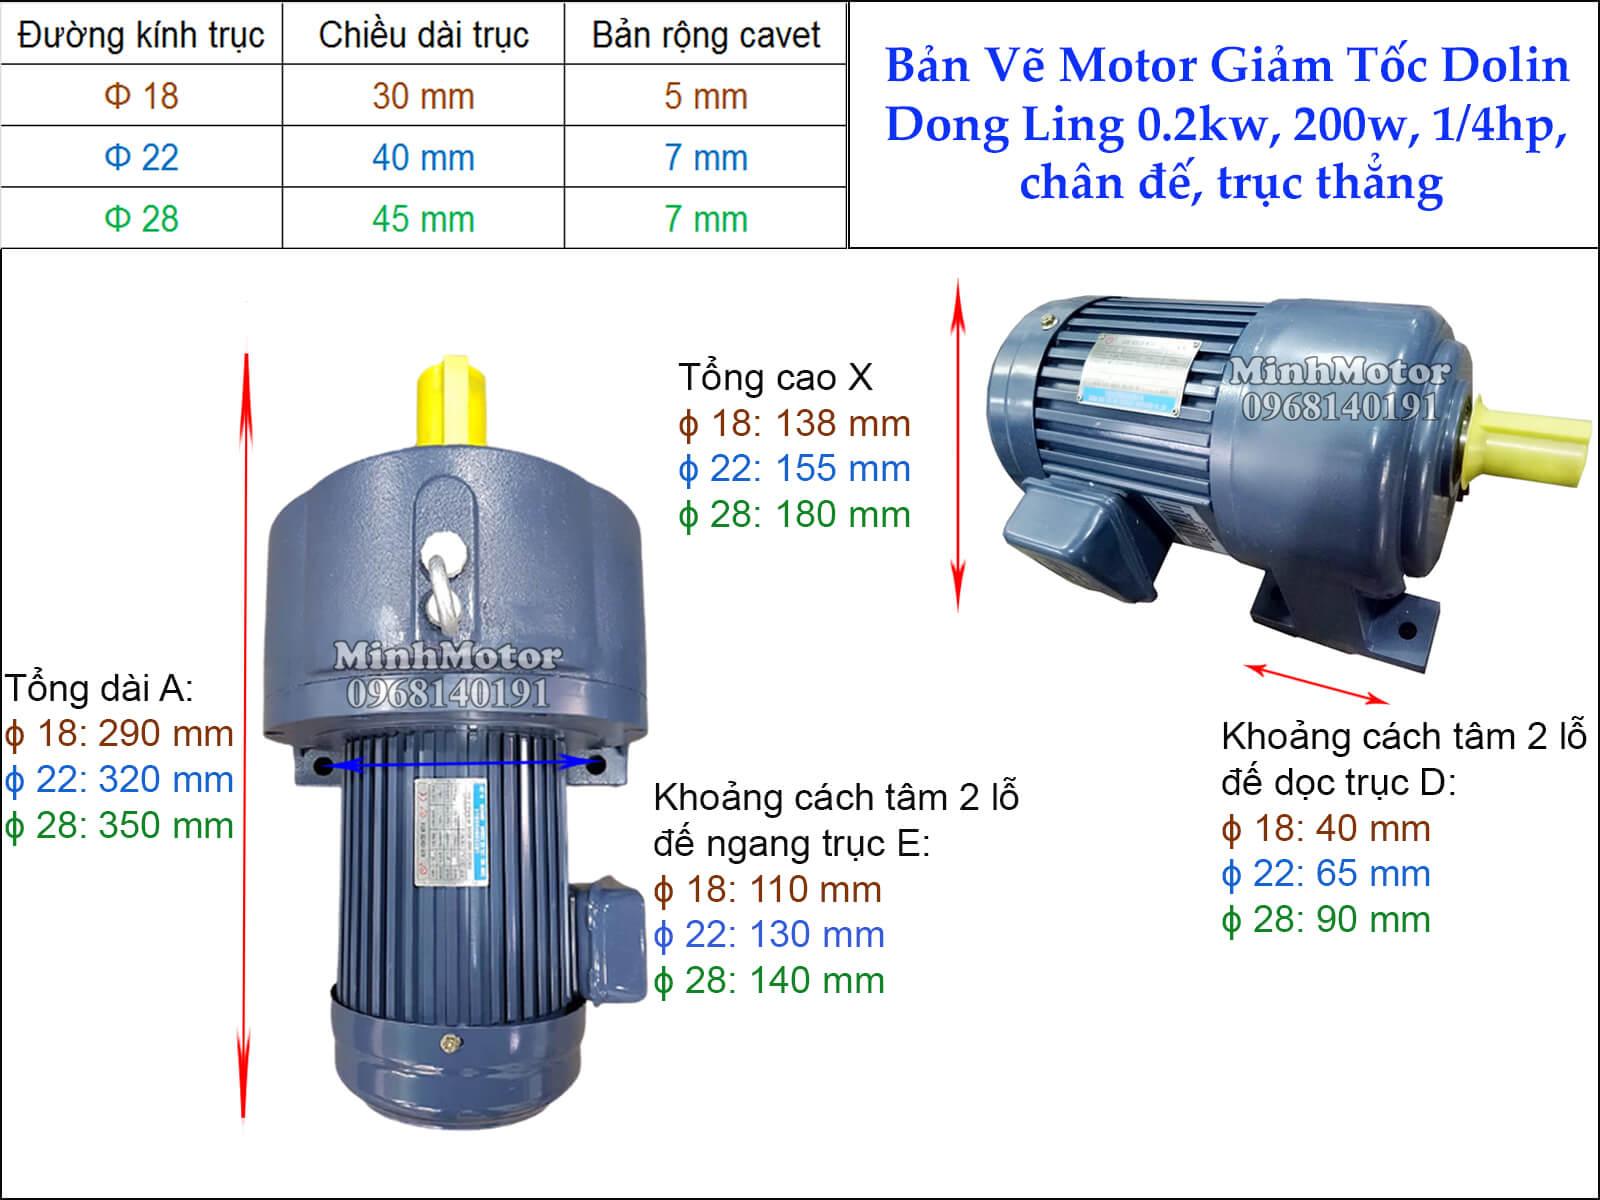 giảm tốc Dolin 0.2kw 200w 1/4hp DLSH chân đế trục thẳng